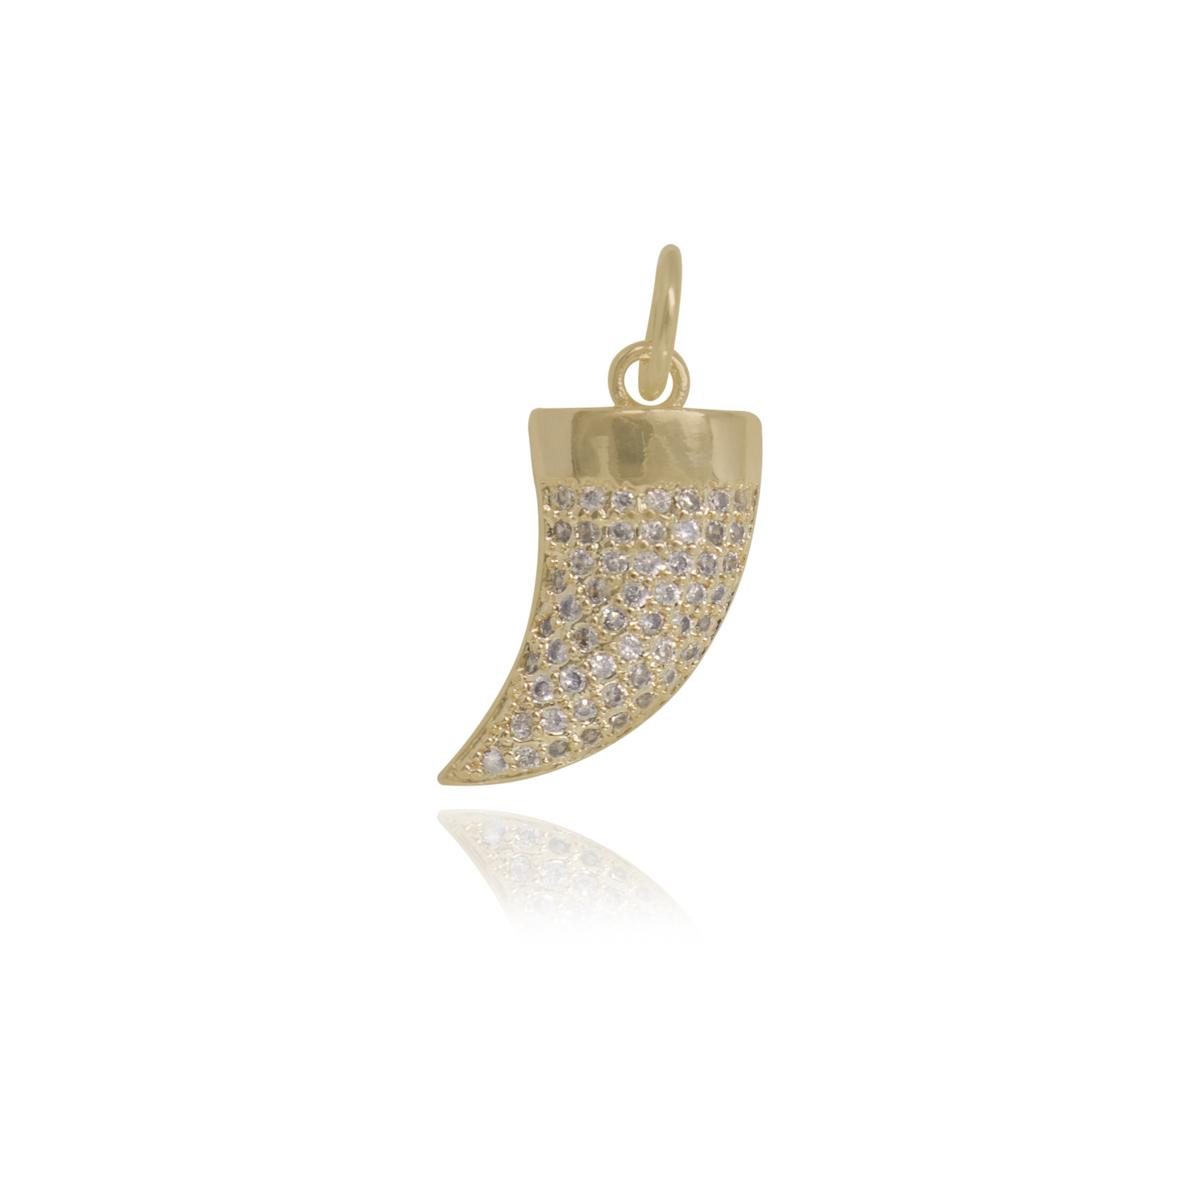 Pingente Dente de Sabre cravejado com zircônia folheada ouro